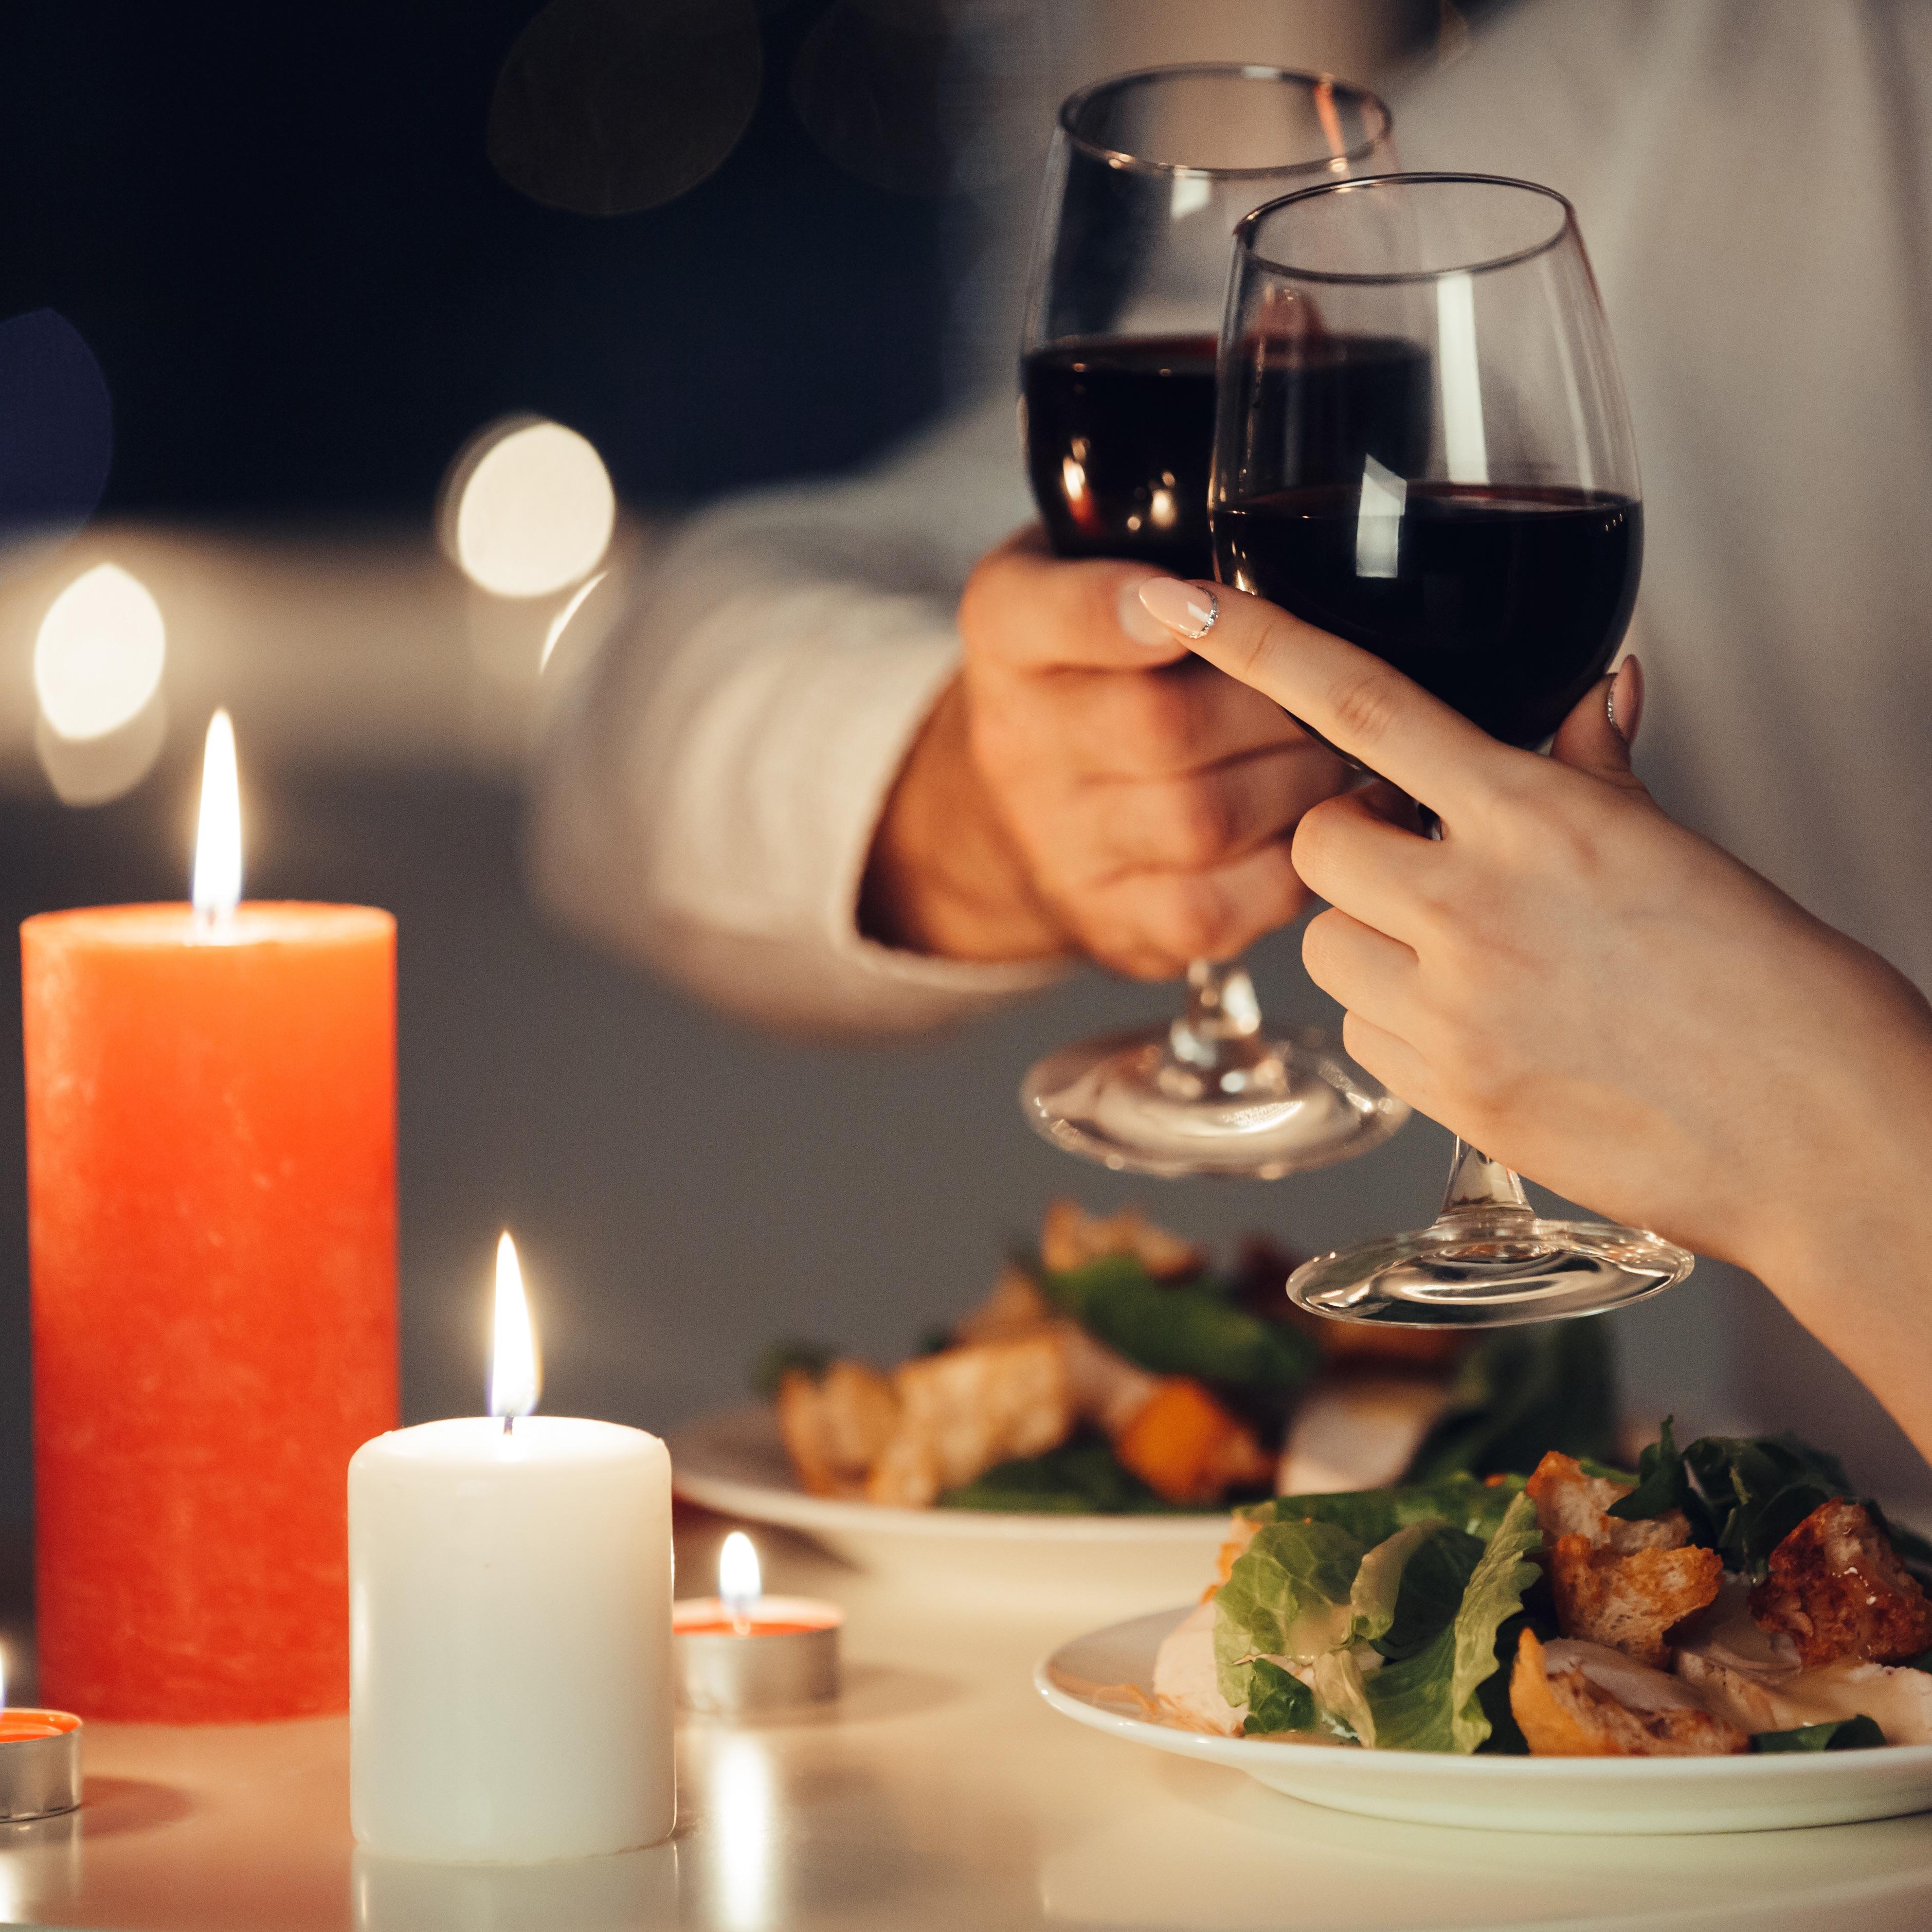 offerta soggiorno comprensivo di cena romantica per due persone